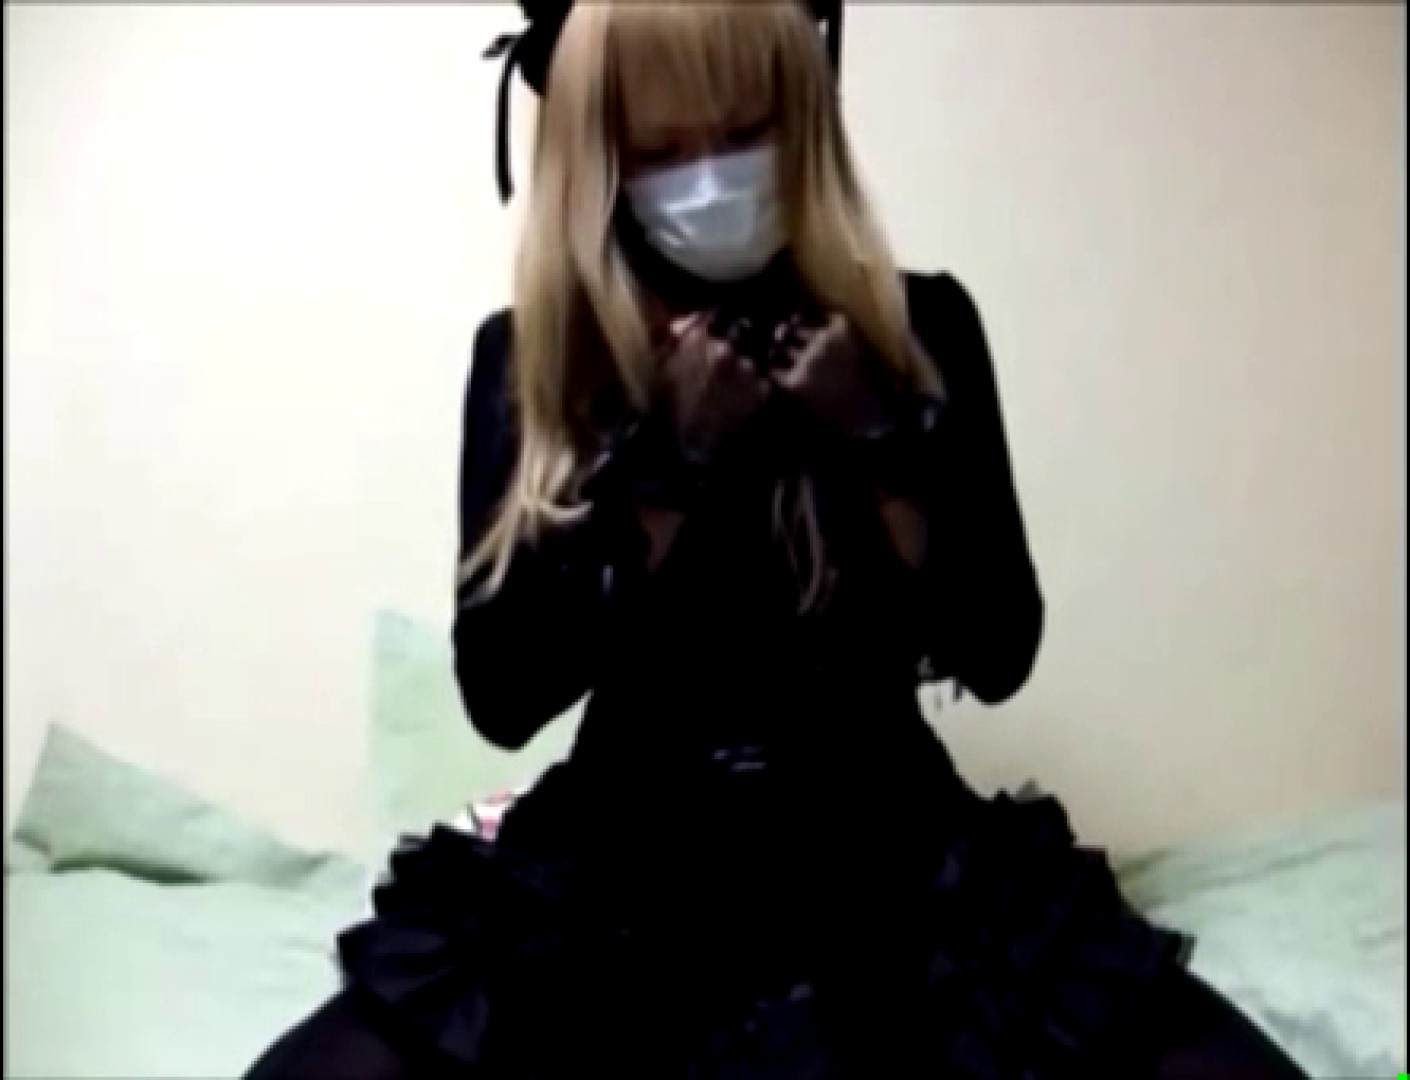 男のKOスプレー!Vol.12 覗き見 | イケメンパラダイス 男同士動画 105pic 37